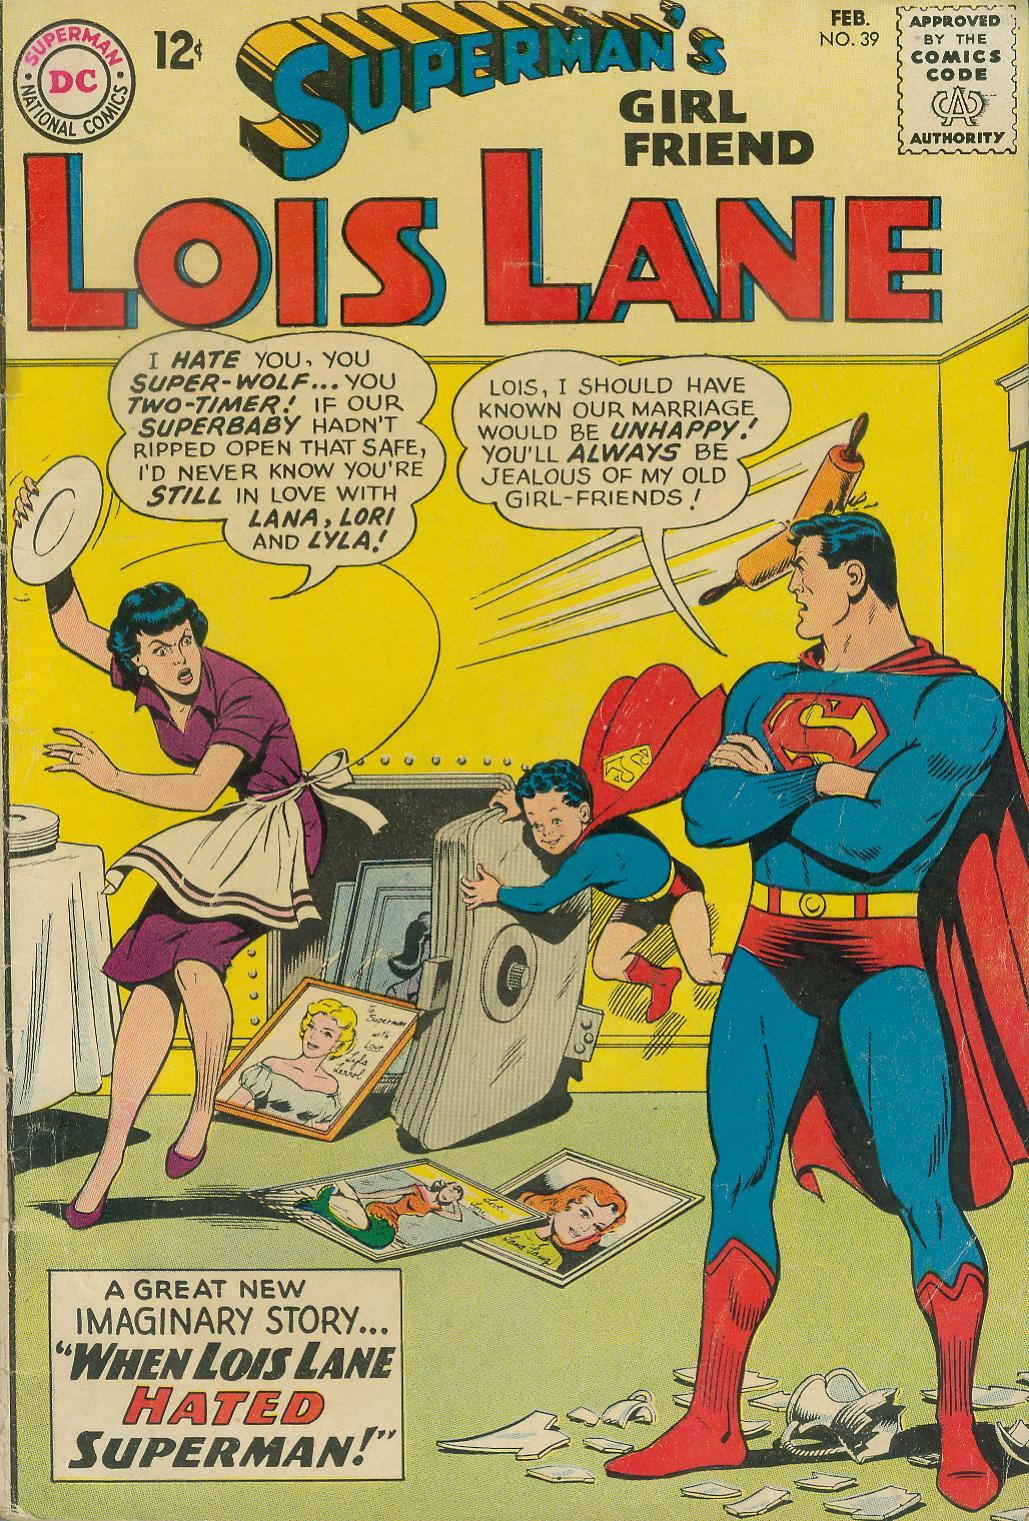 Supermans Girl Friend, Lois Lane 39 Page 1